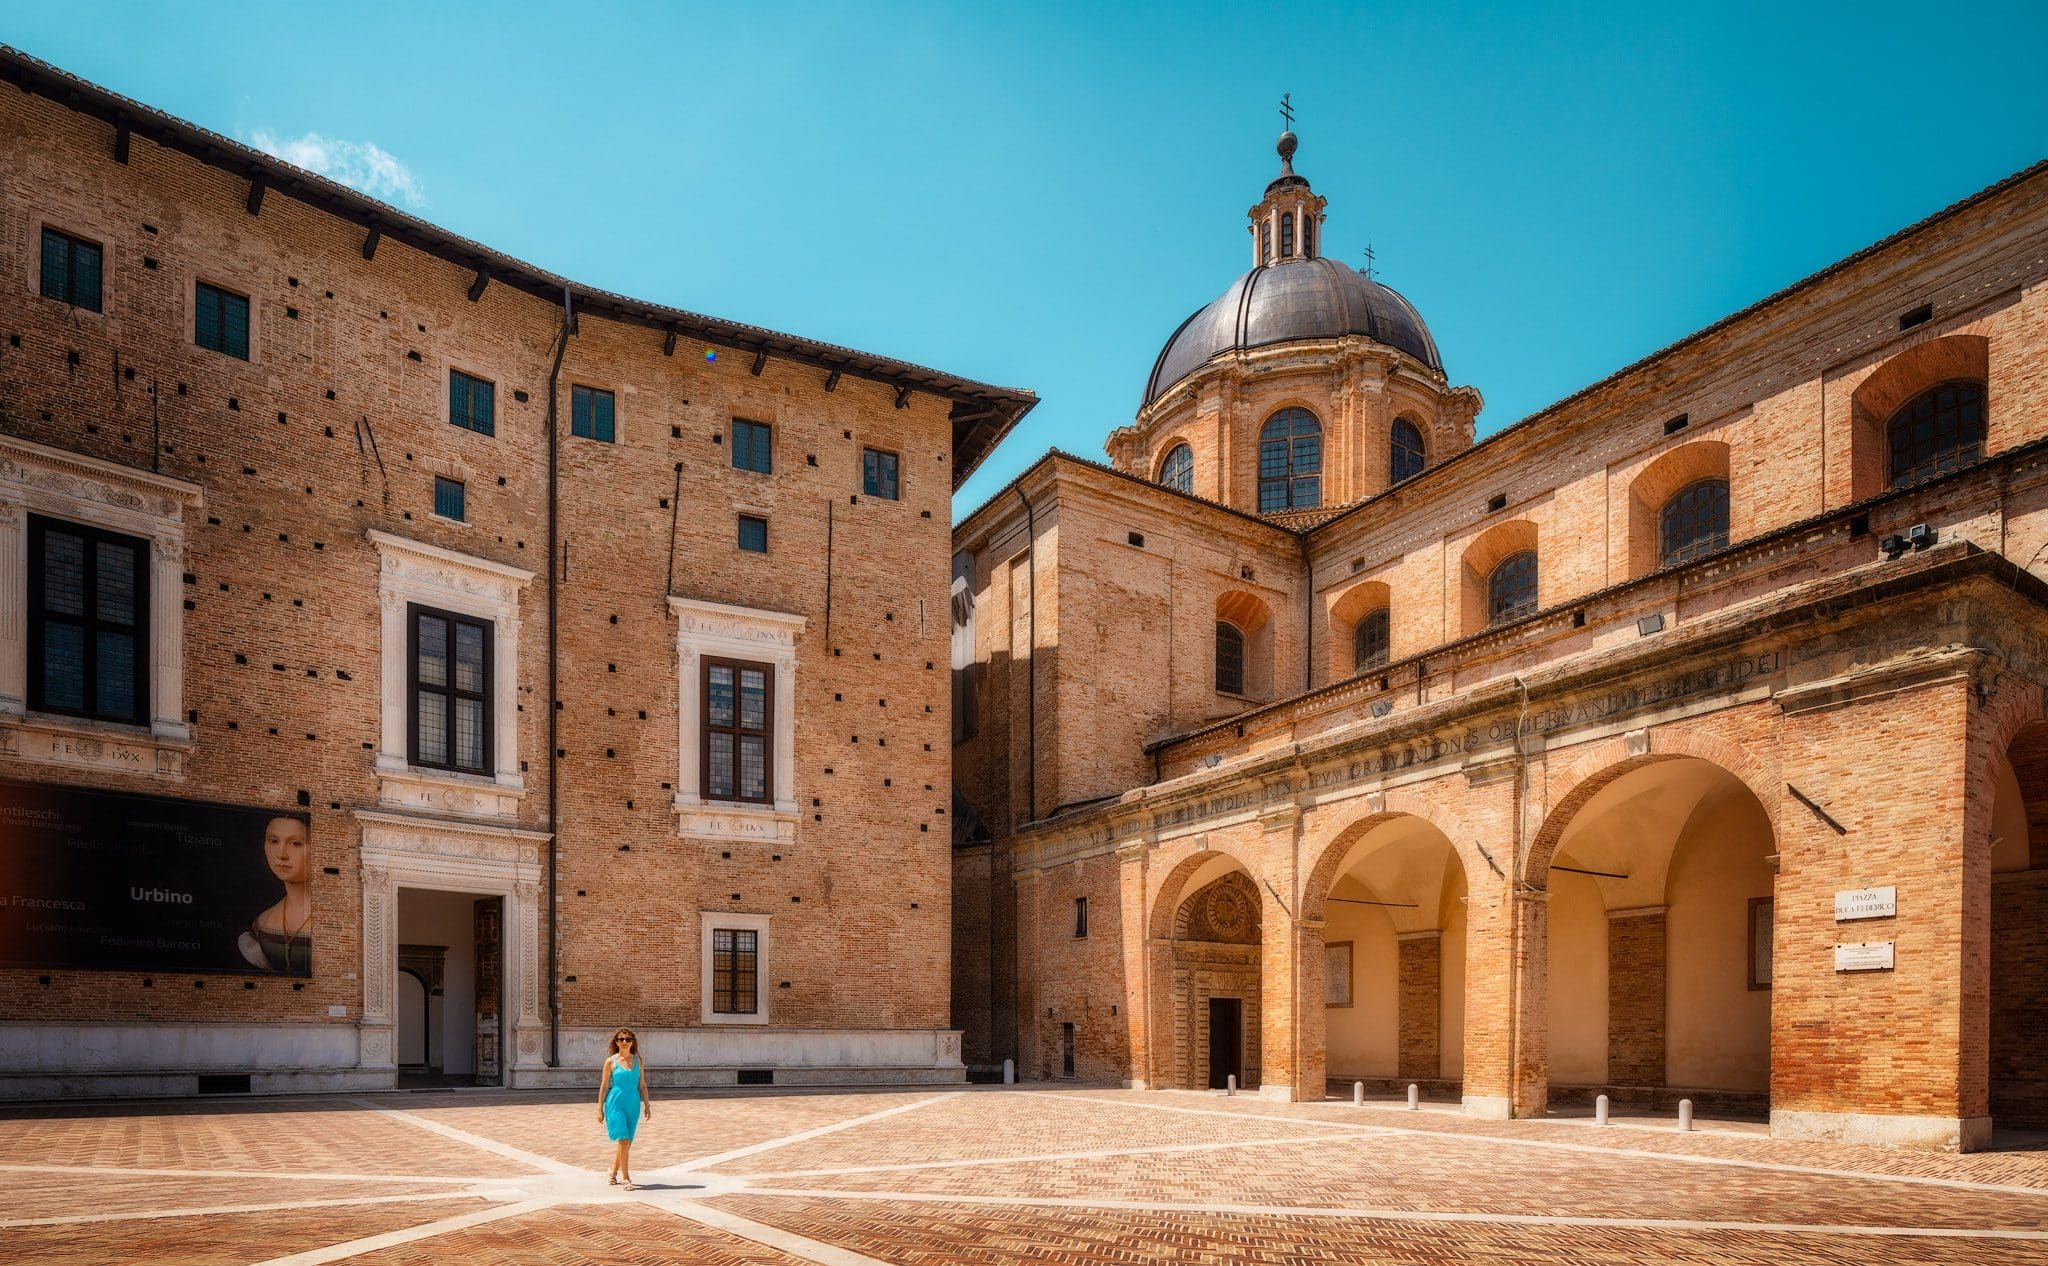 Die Kathedrale von Urbino (Dom von Urbino) in Italien